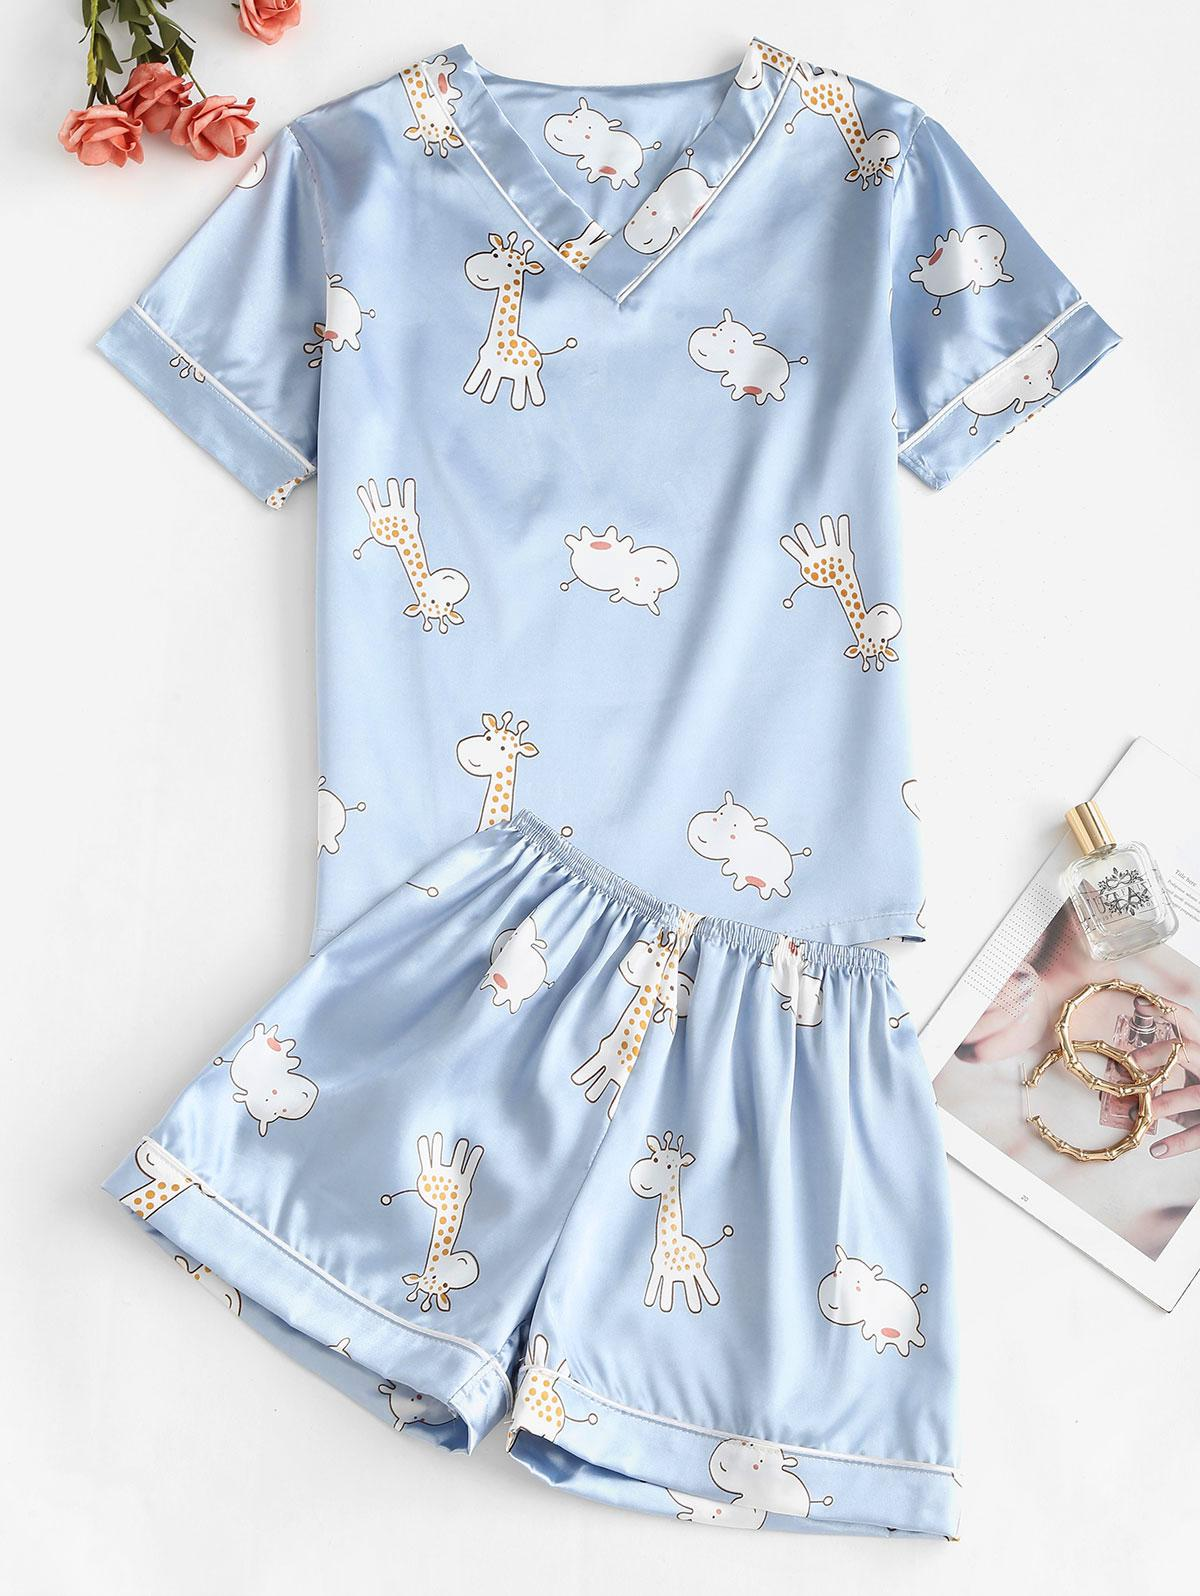 Giraffe Print Satin Pajama Shorts Set